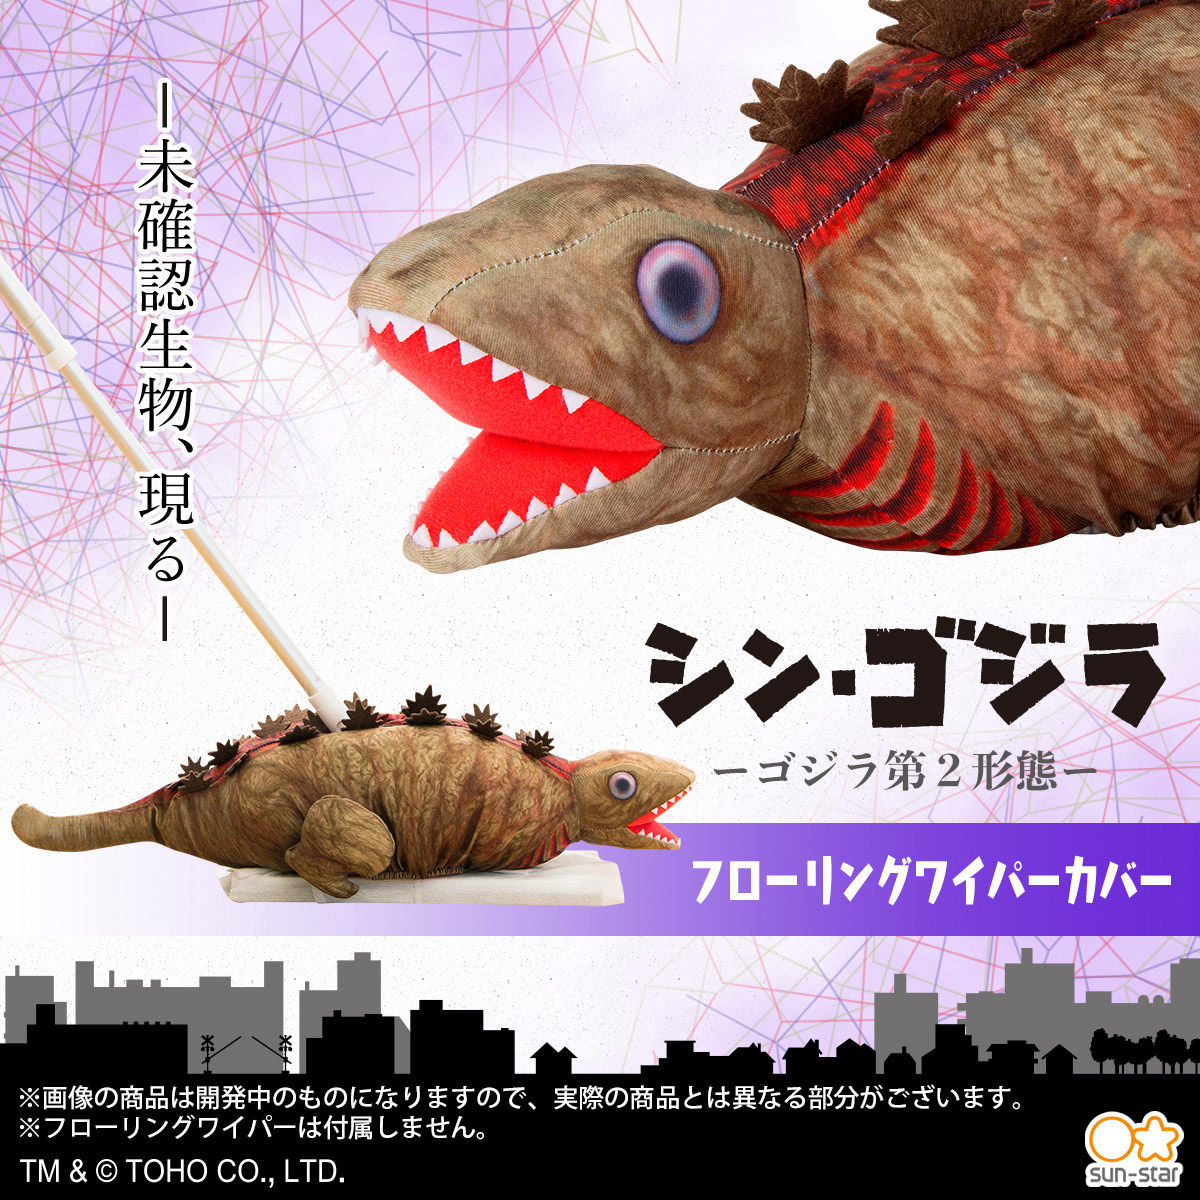 【限定販売】シン・ゴジラ『ゴジラ第2形態 フローリングワイパーカバー』グッズ-001